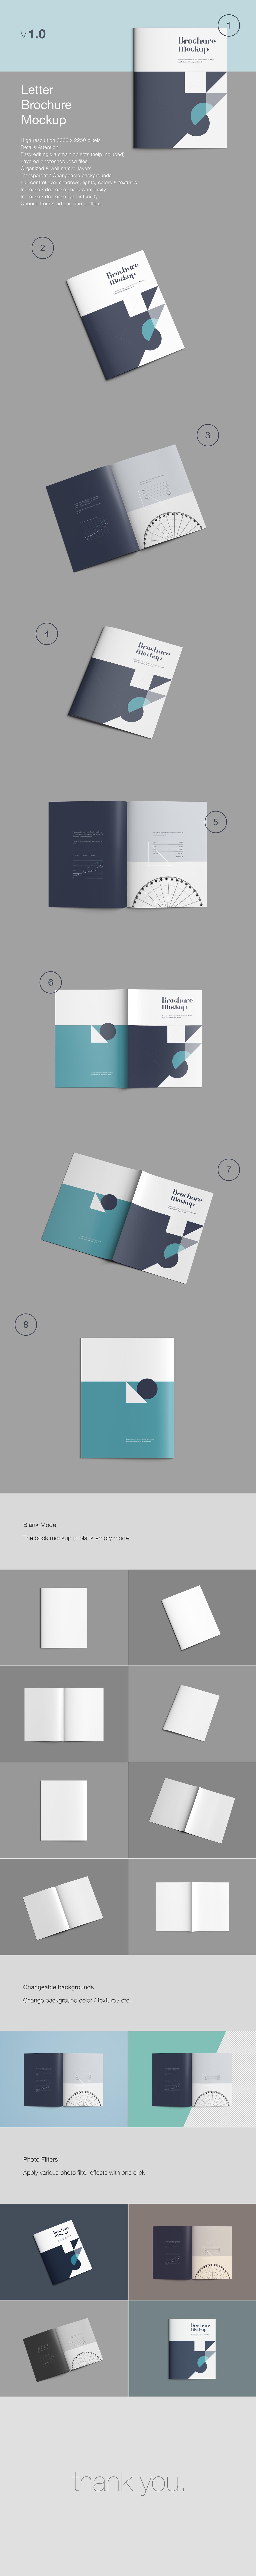 brochure Mockup template letter download free Booklet presentation